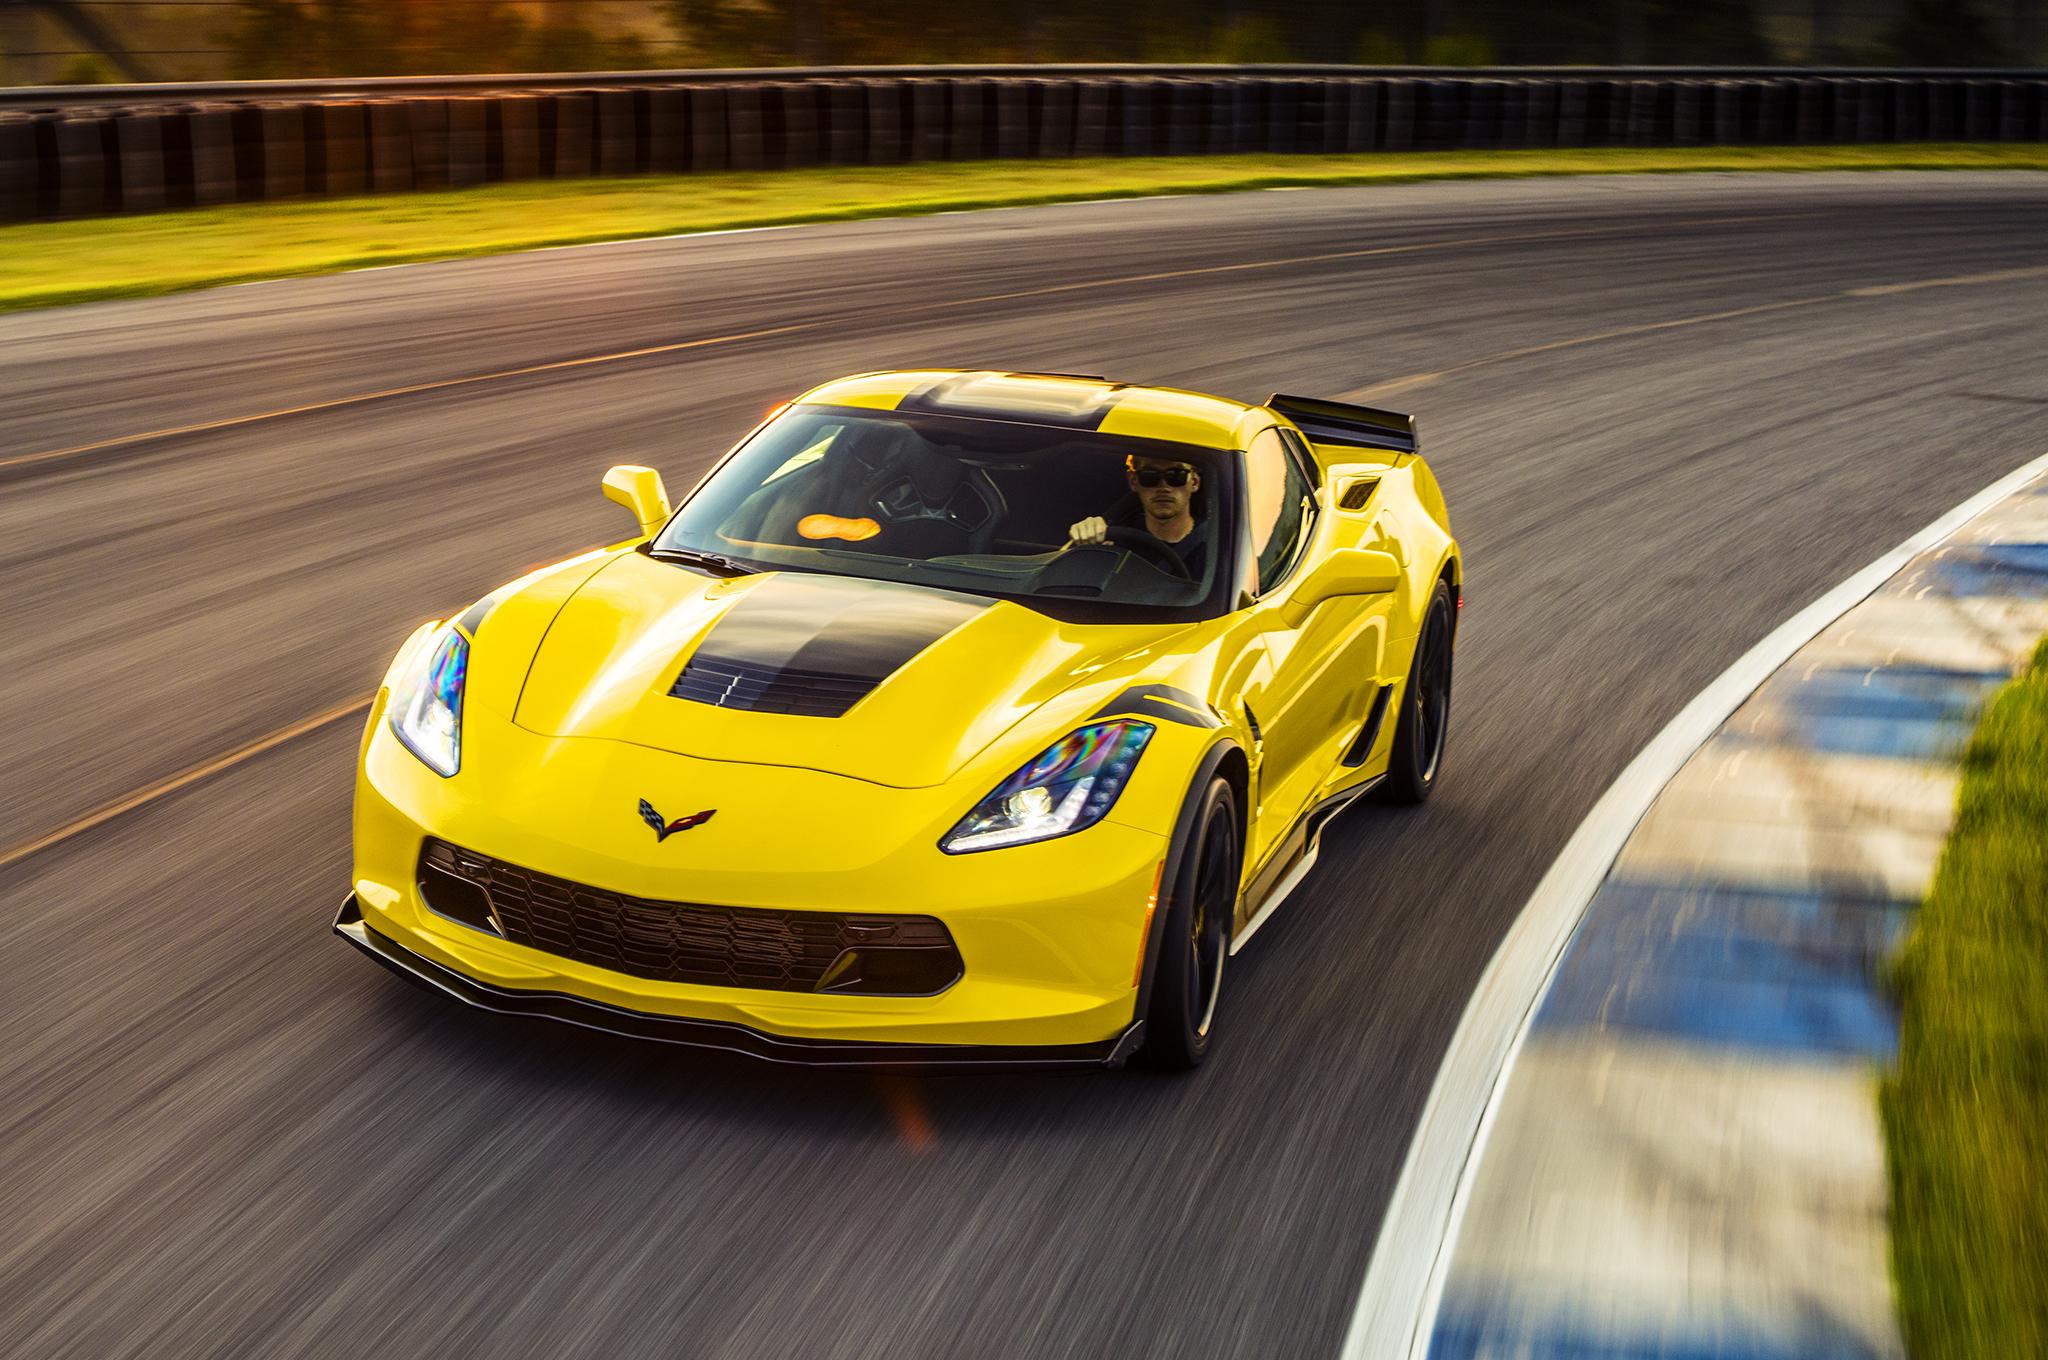 2017 chevrolet corvette grand sport hd cars 4k - Corvette wallpaper ...